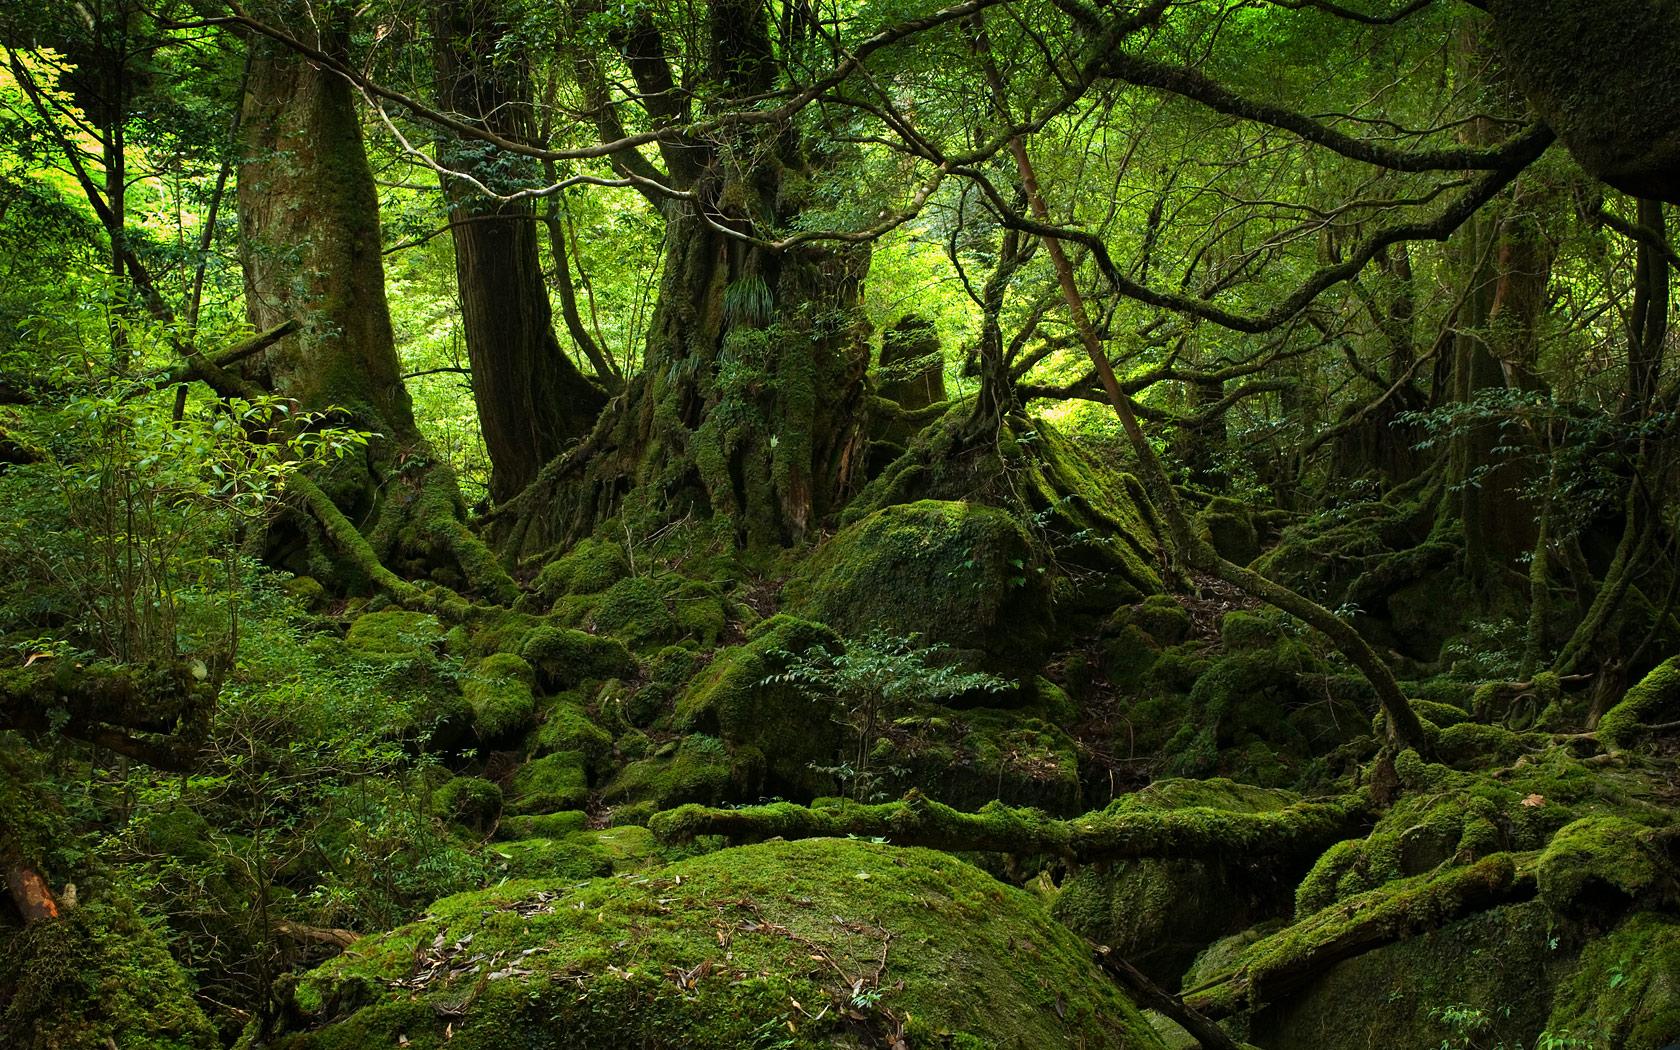 yakushima forest desktop wallpaperyakushima forest